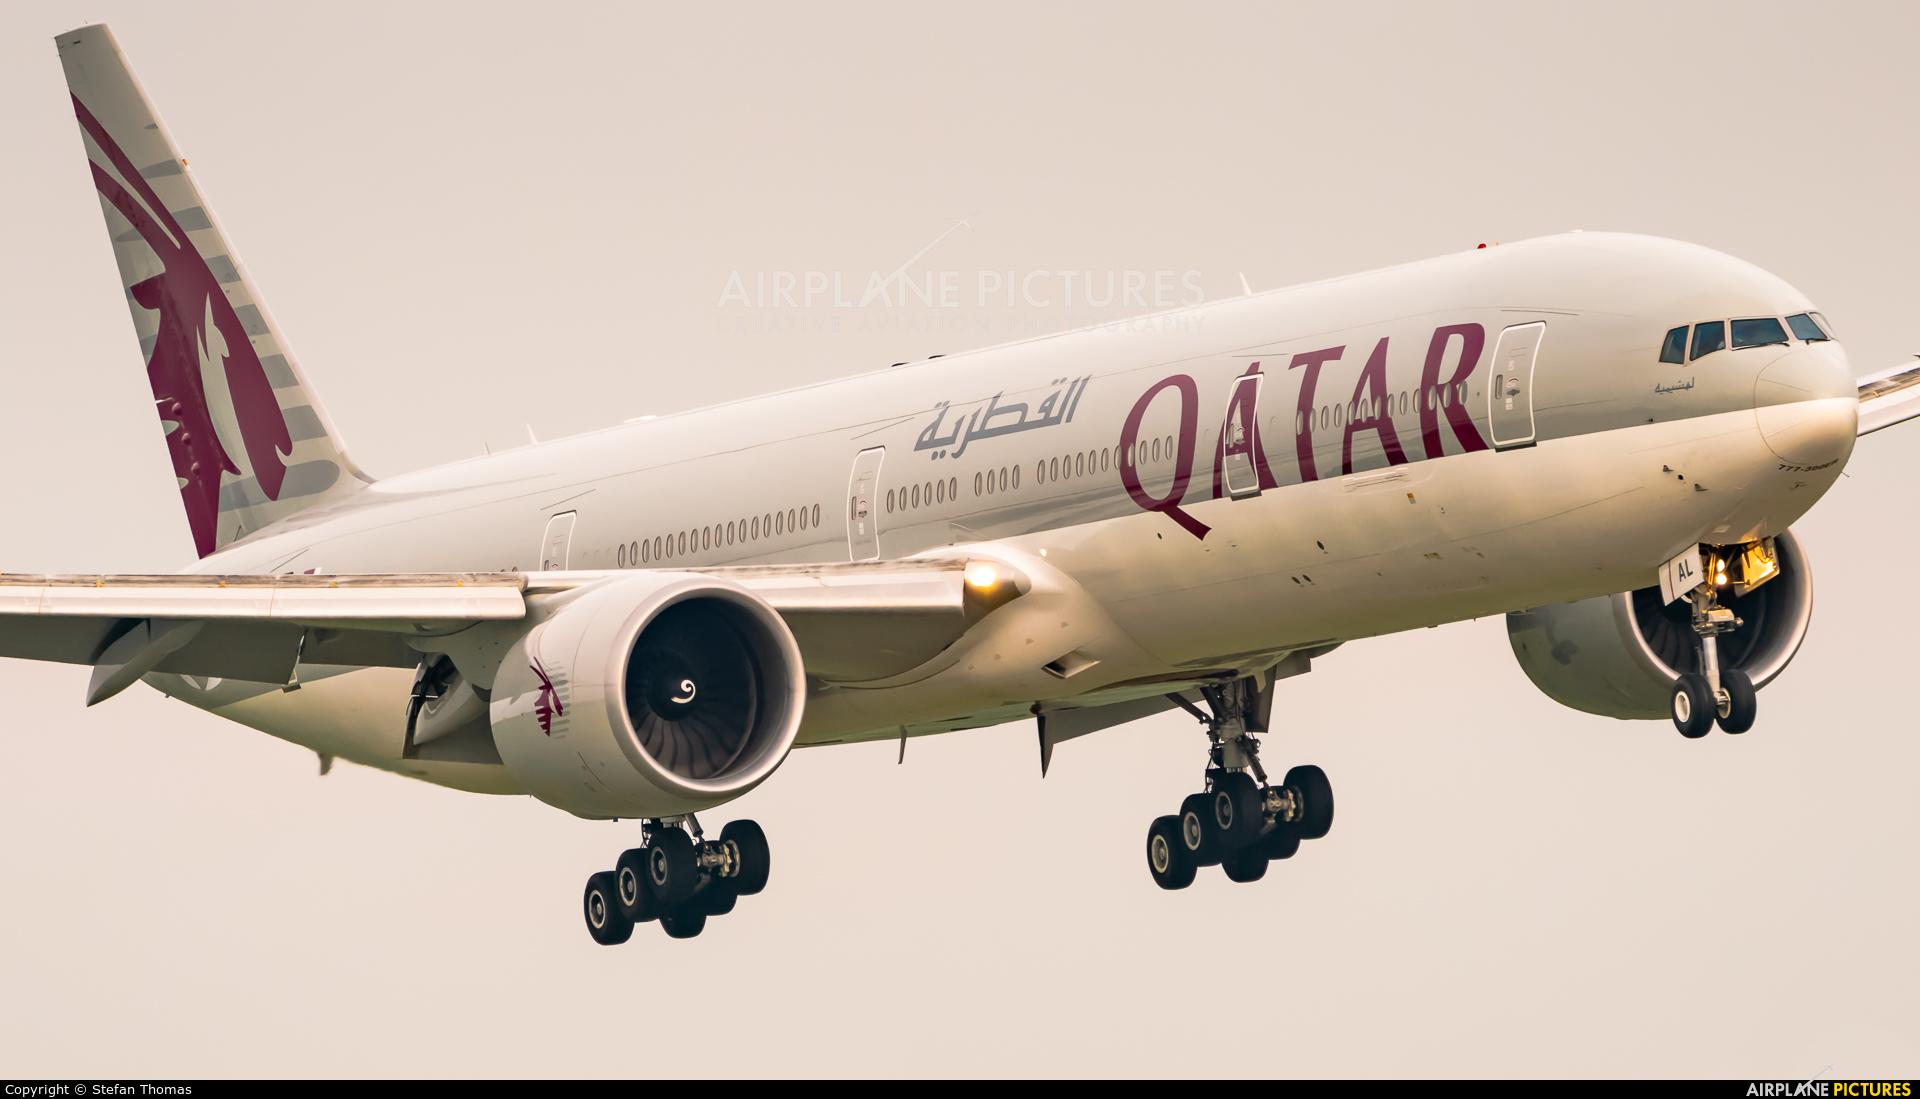 Qatar Airways A7-BAL aircraft at Munich